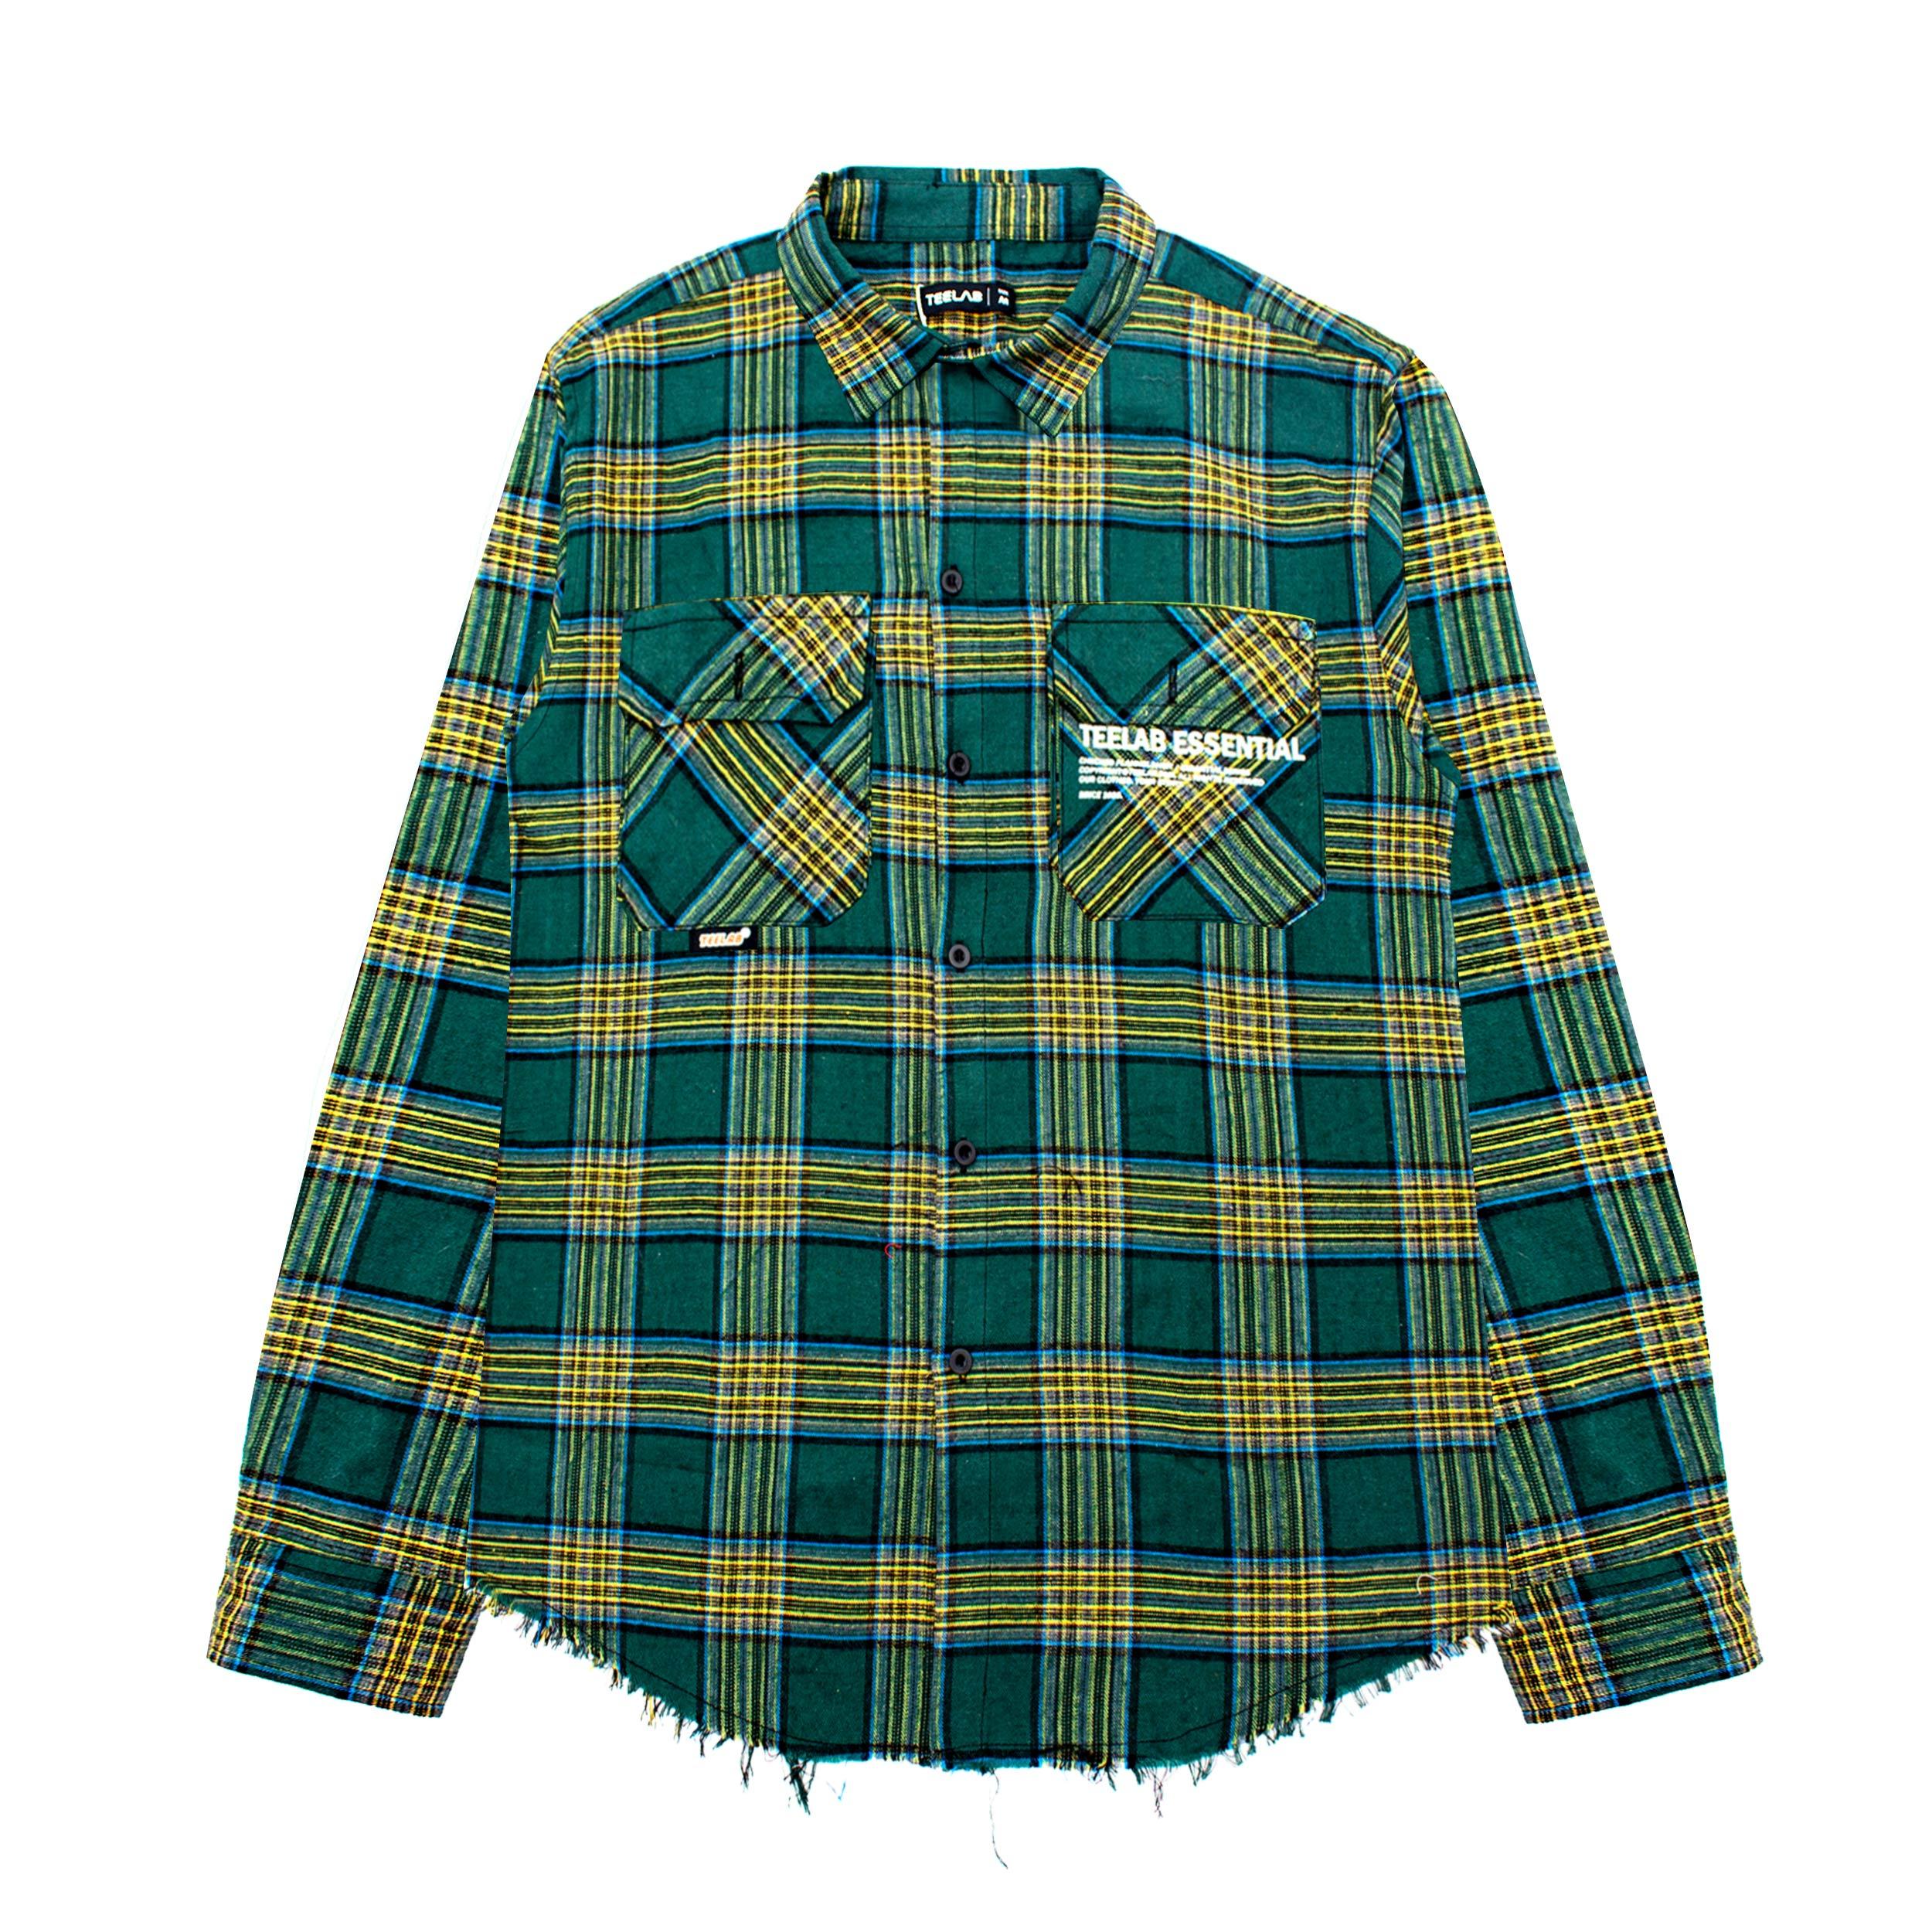 Áo Flannel Teelab Essential SS023